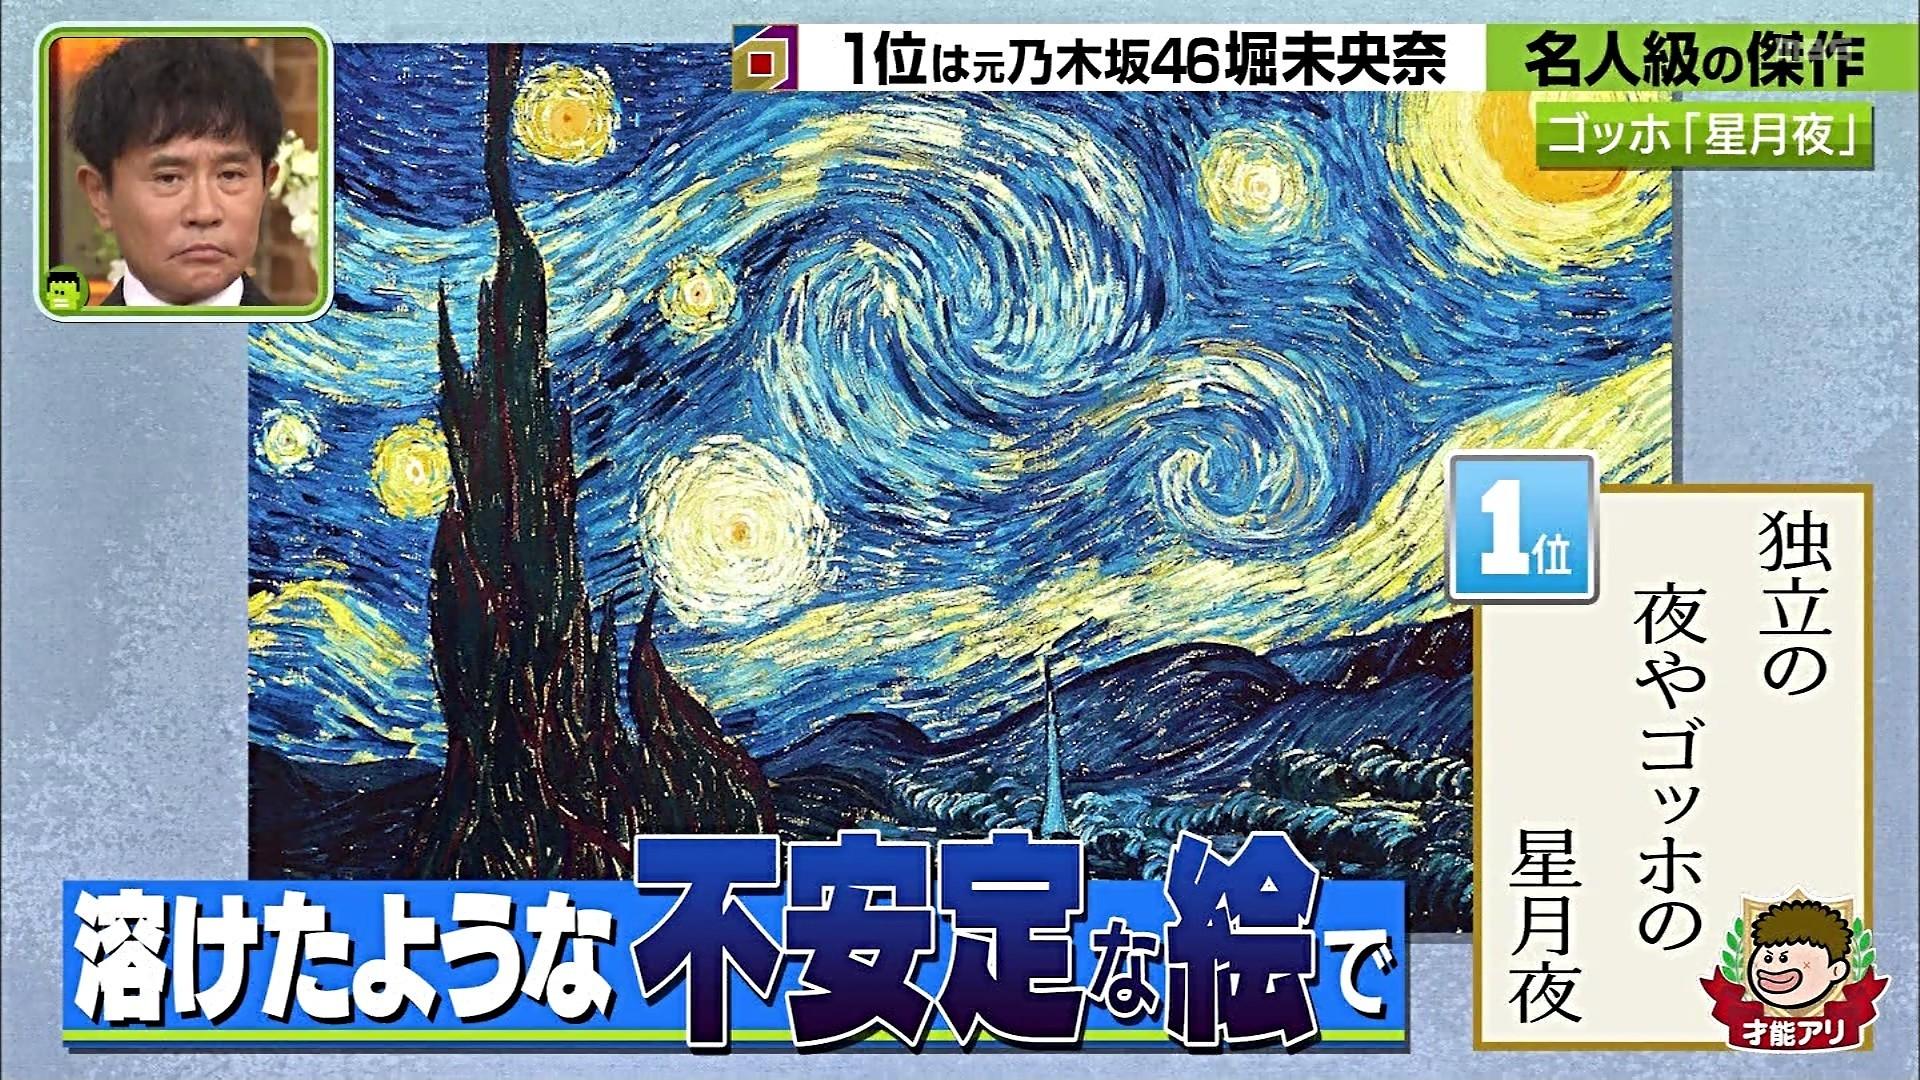 プレバト 堀未央奈 俳句5